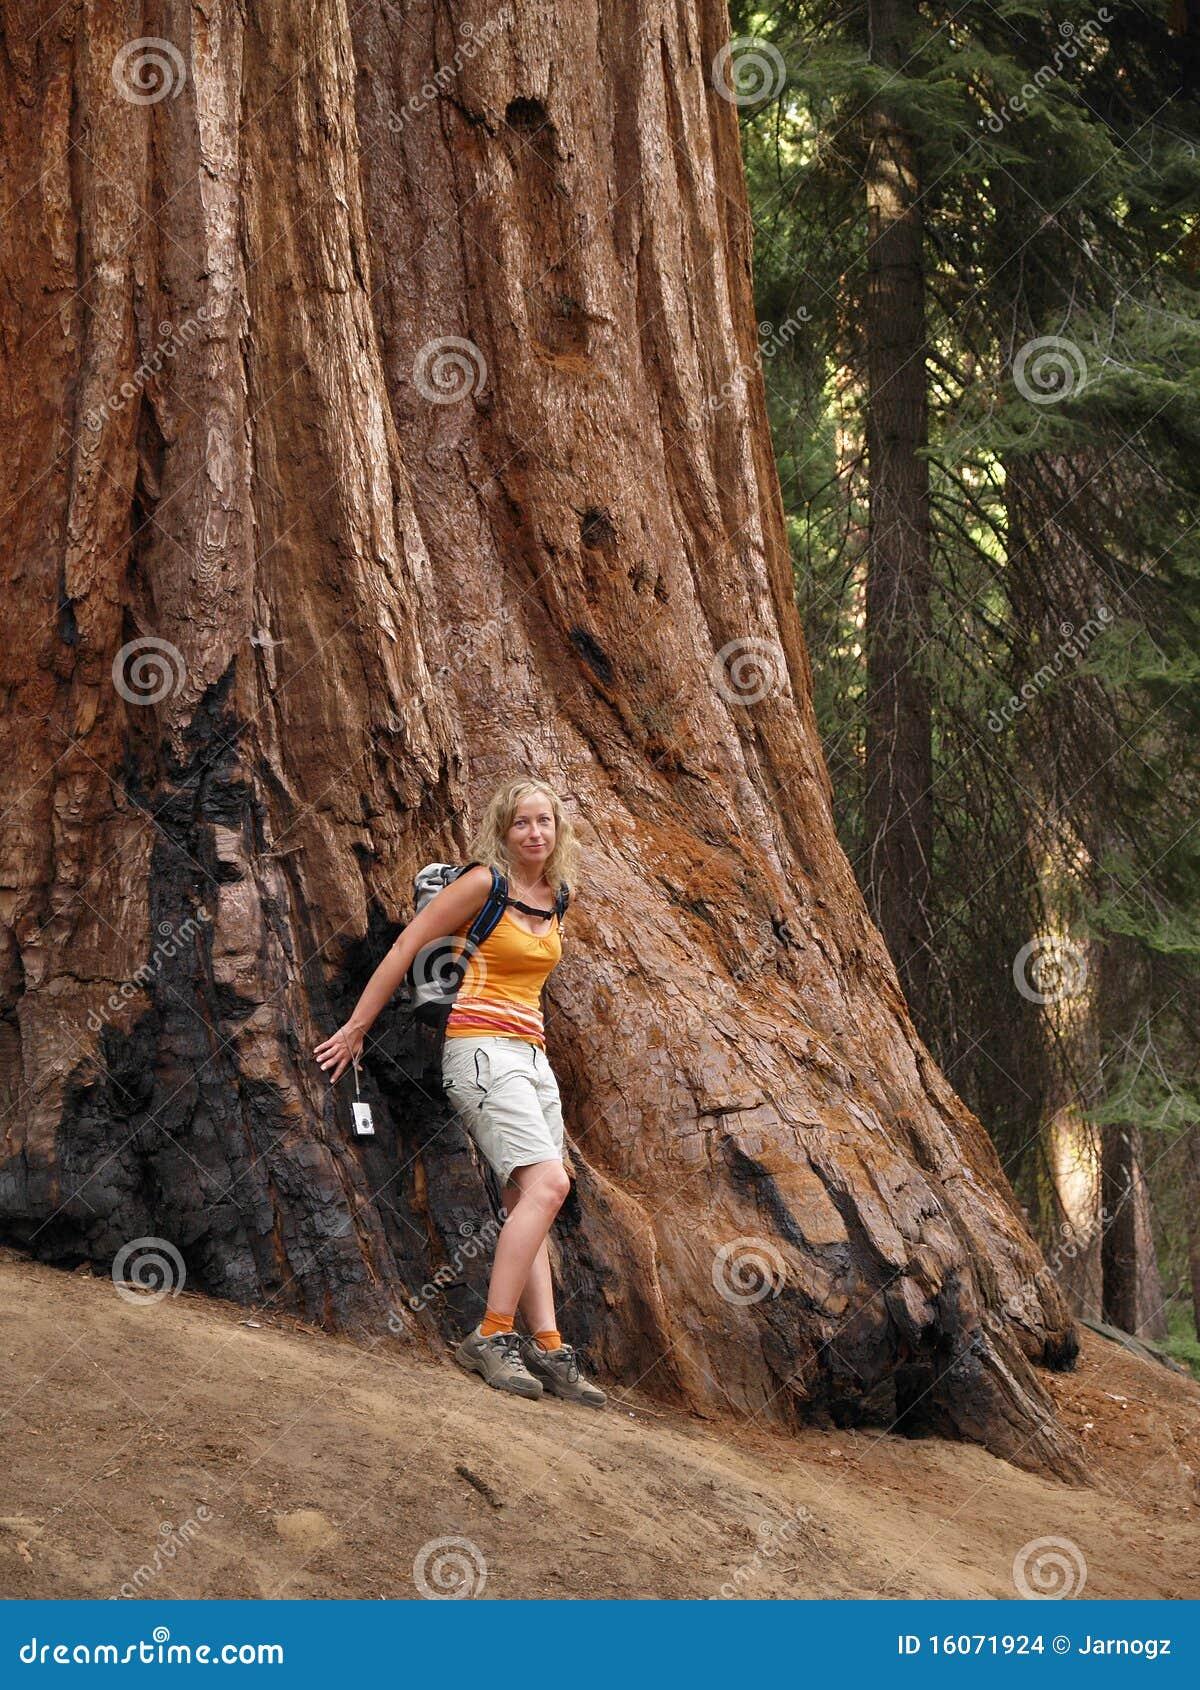 Mariposa Grove Redwoods